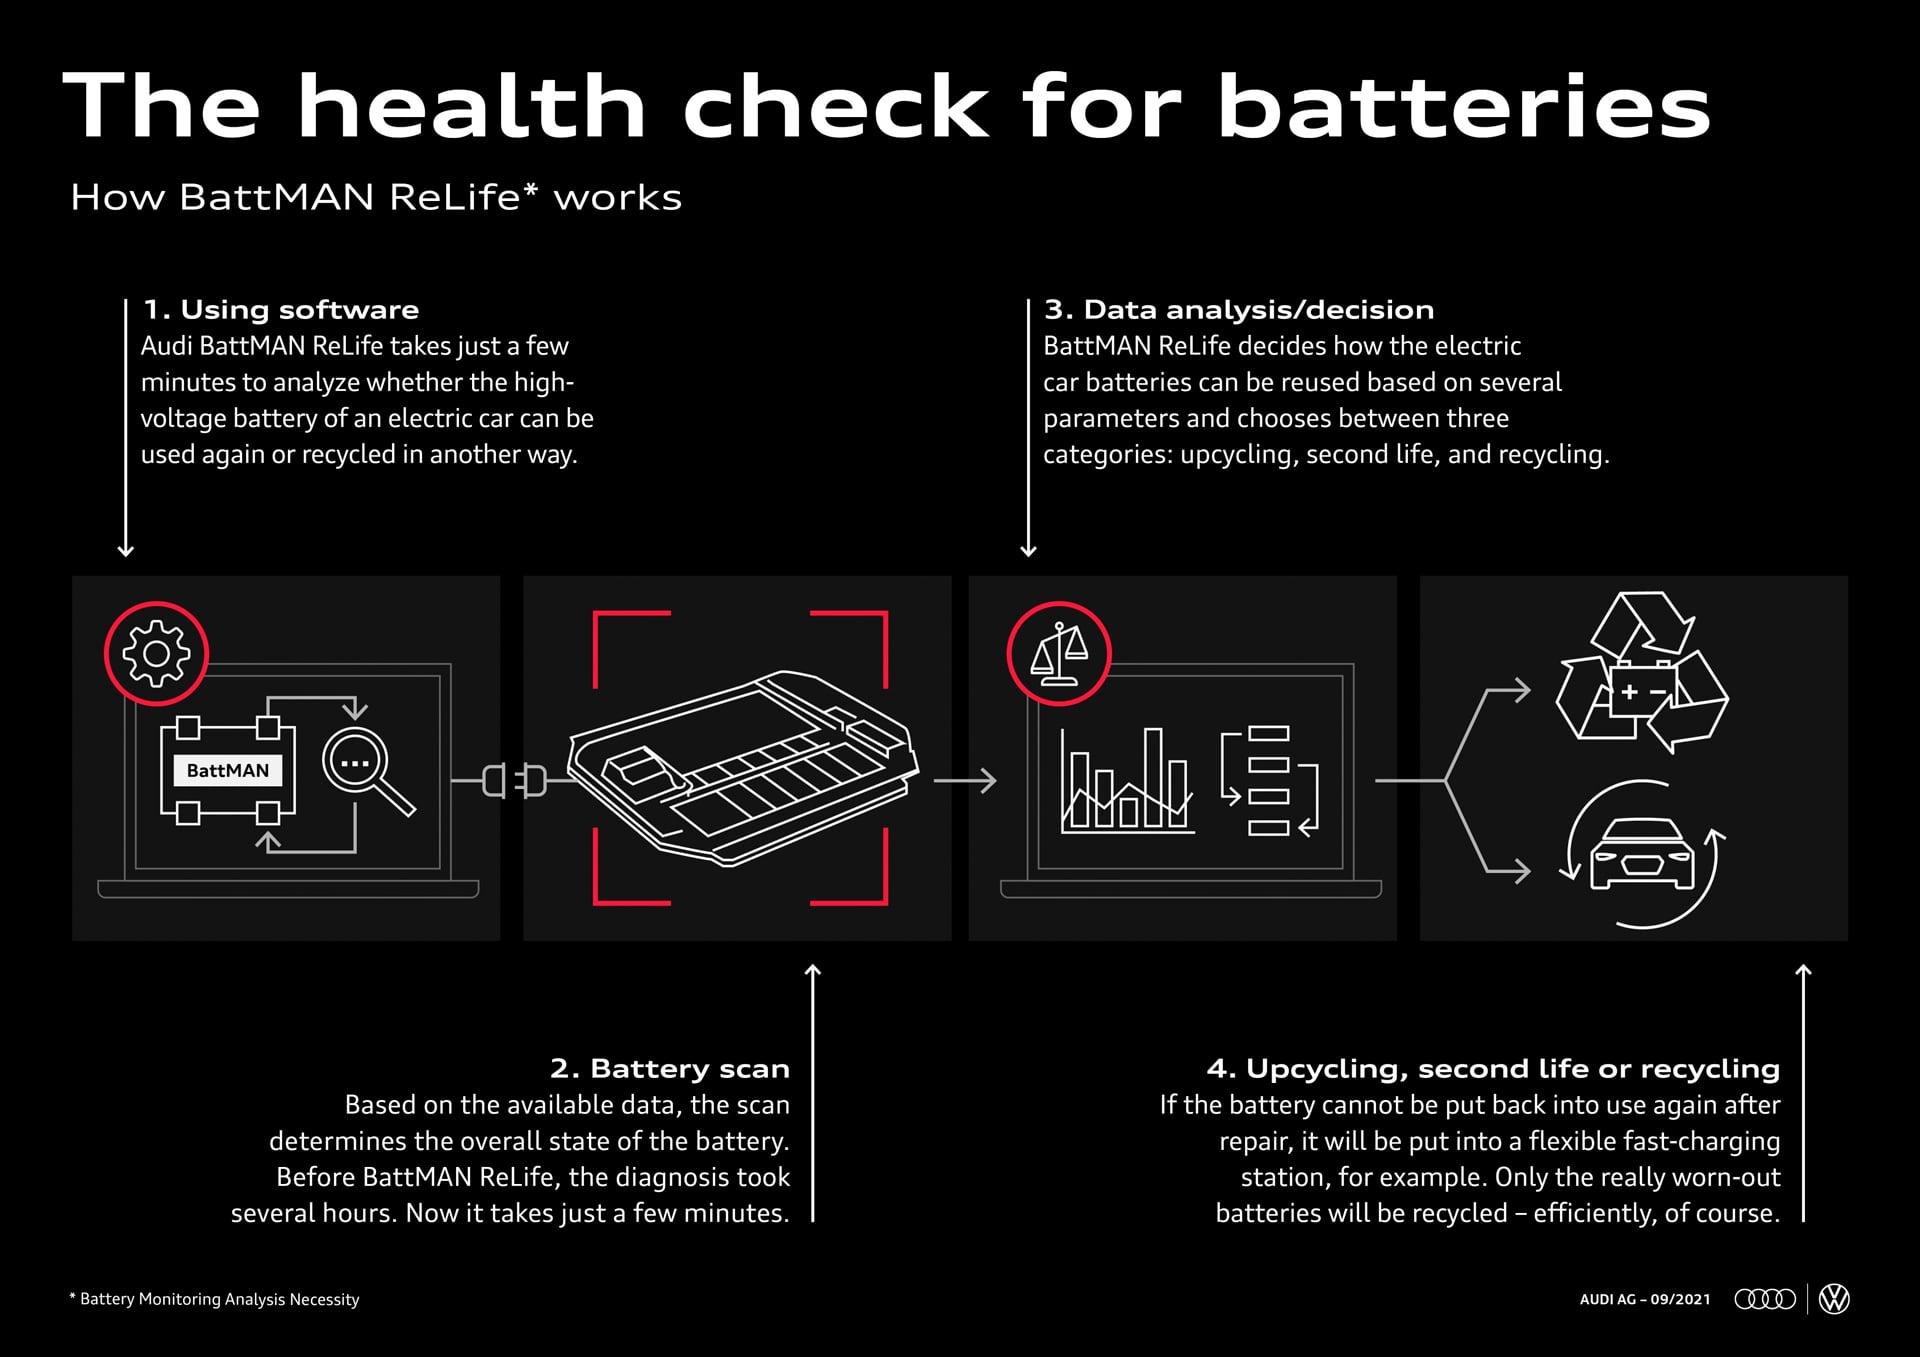 La primera versión del software BattMAN (Battery Monitoring Analysis Necessity) fue desarrollado por el departamento de gestión de calidad de Audi Bruselas